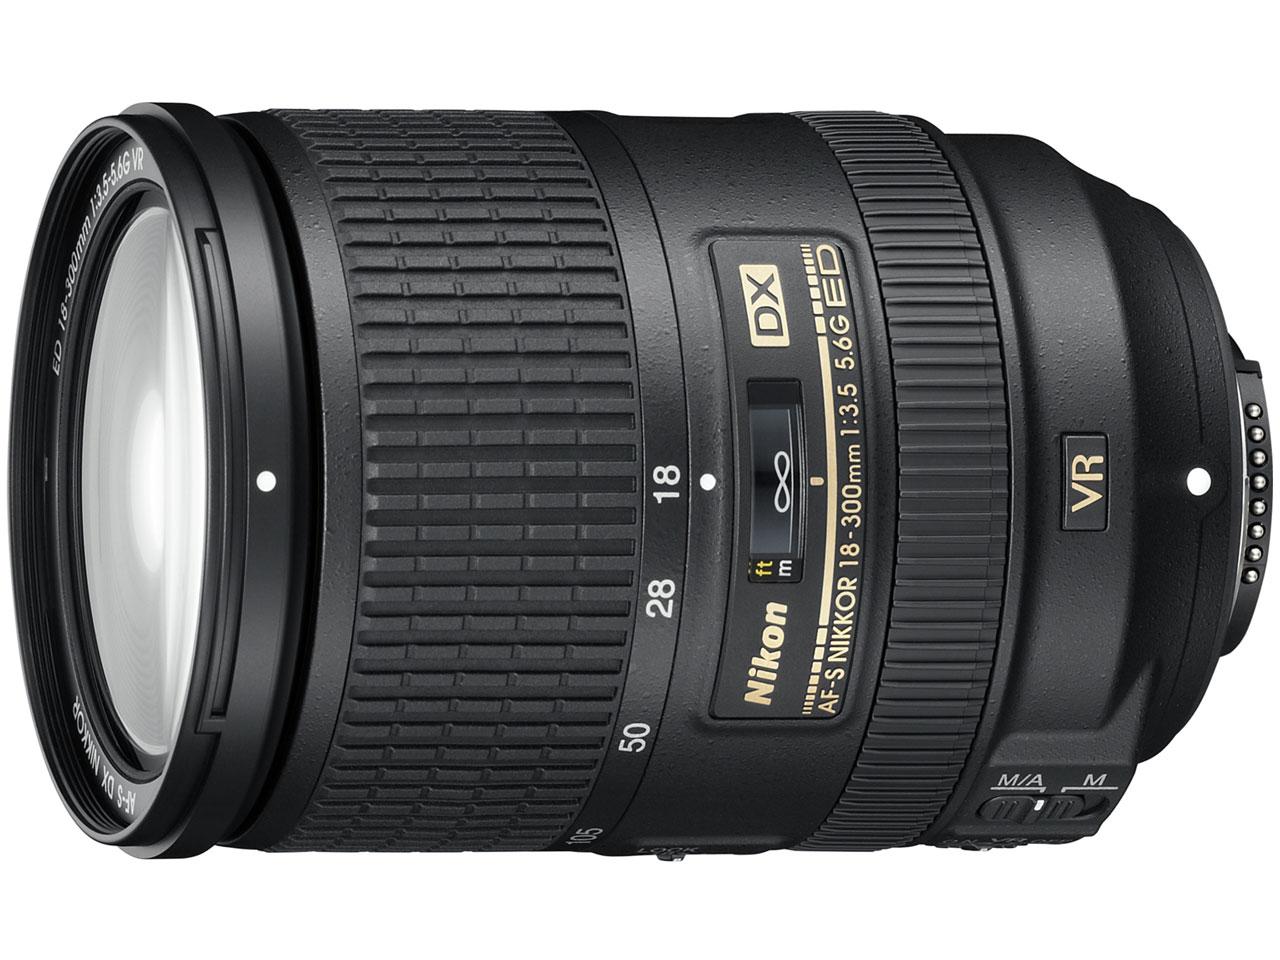 AF-S DX NIKKOR 18-300mm f/3.5-5.6G ED VR の製品画像